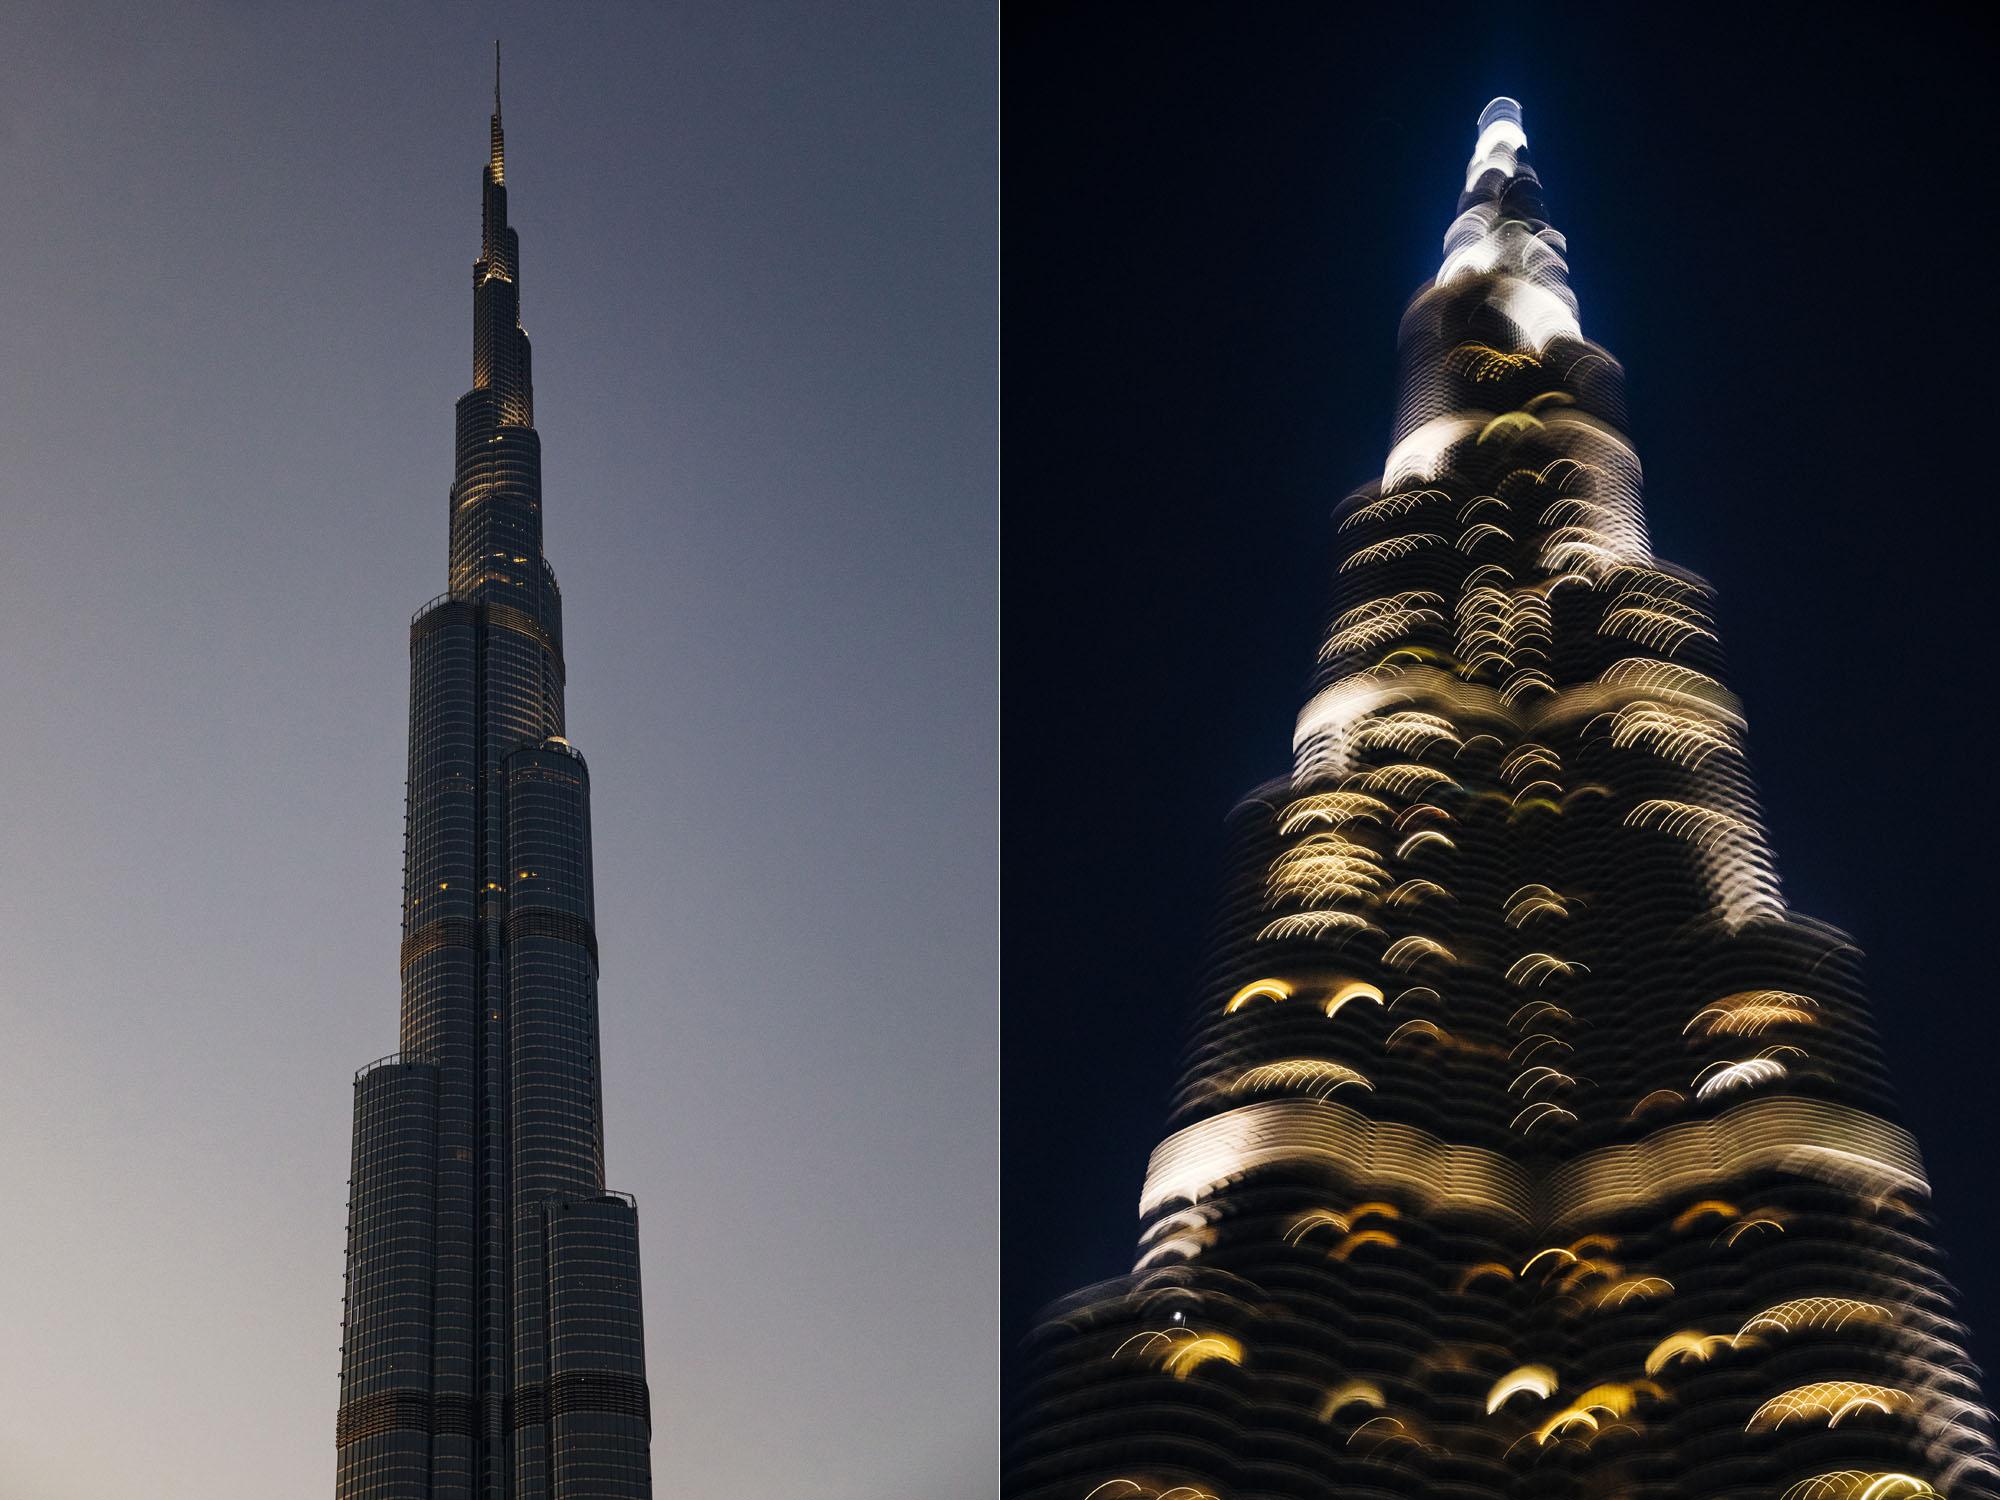 09_2018_12_05_UAE_0367.jpg